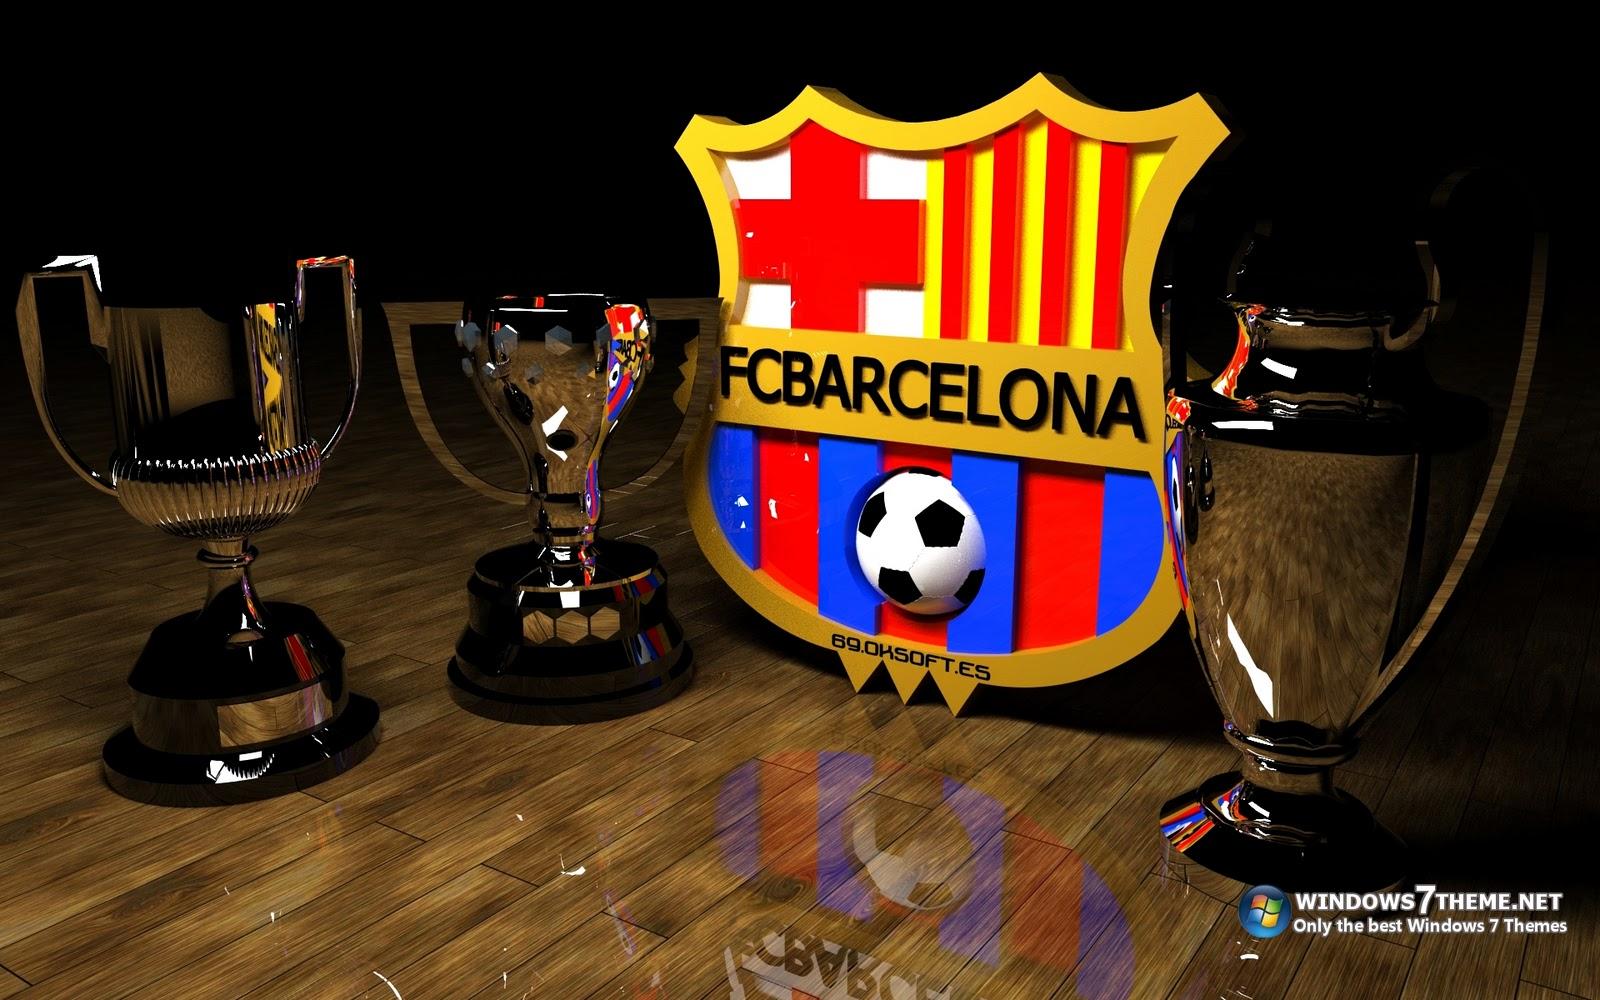 Apenas jogos fracos papel de parede do fc barcelona com - Papel pared barcelona ...